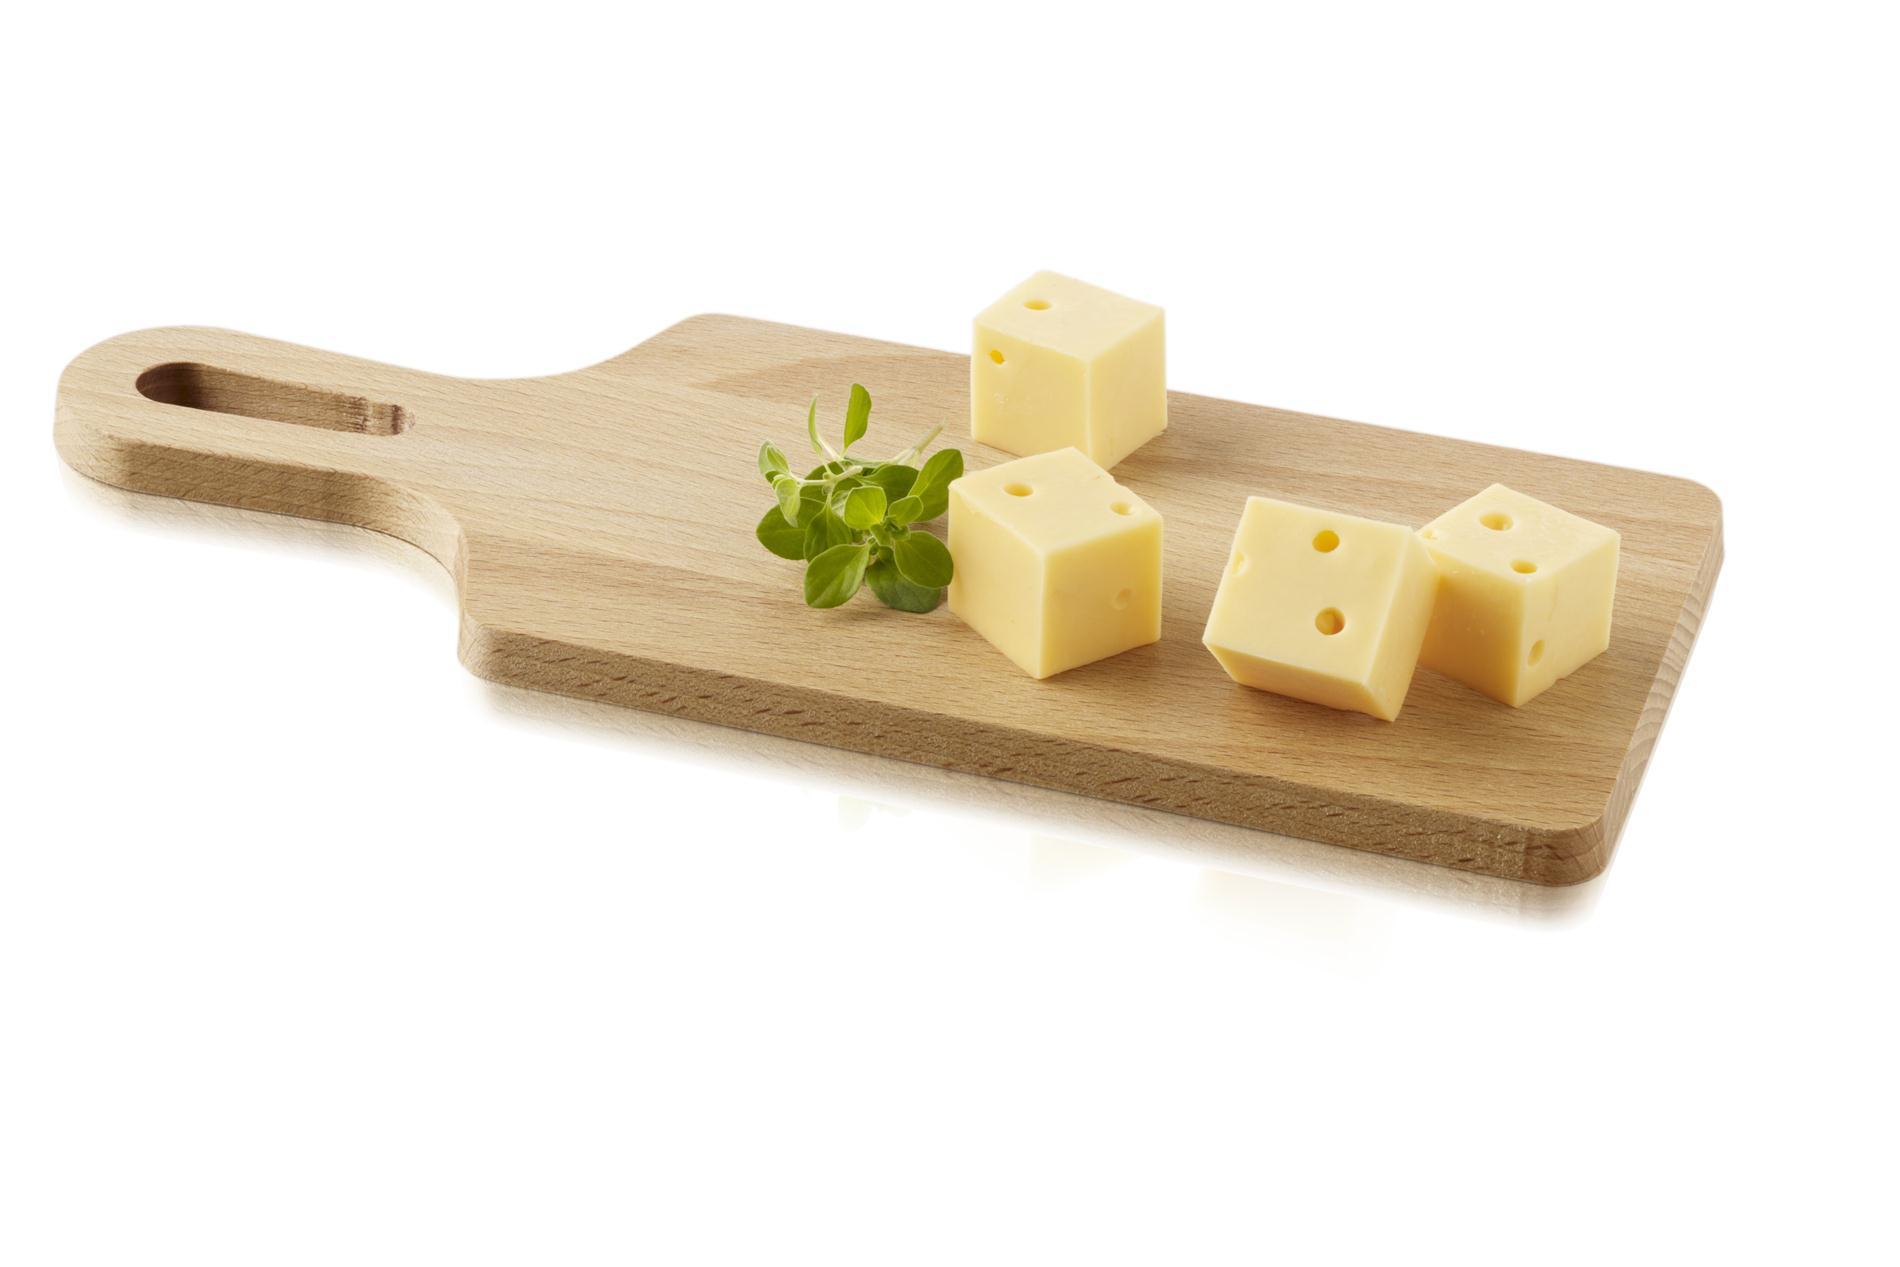 BOSKA, Käsebrett mit Griff zum Aufhängen, Buchenholz, ca. 19 x12 cm (ohne Griff)